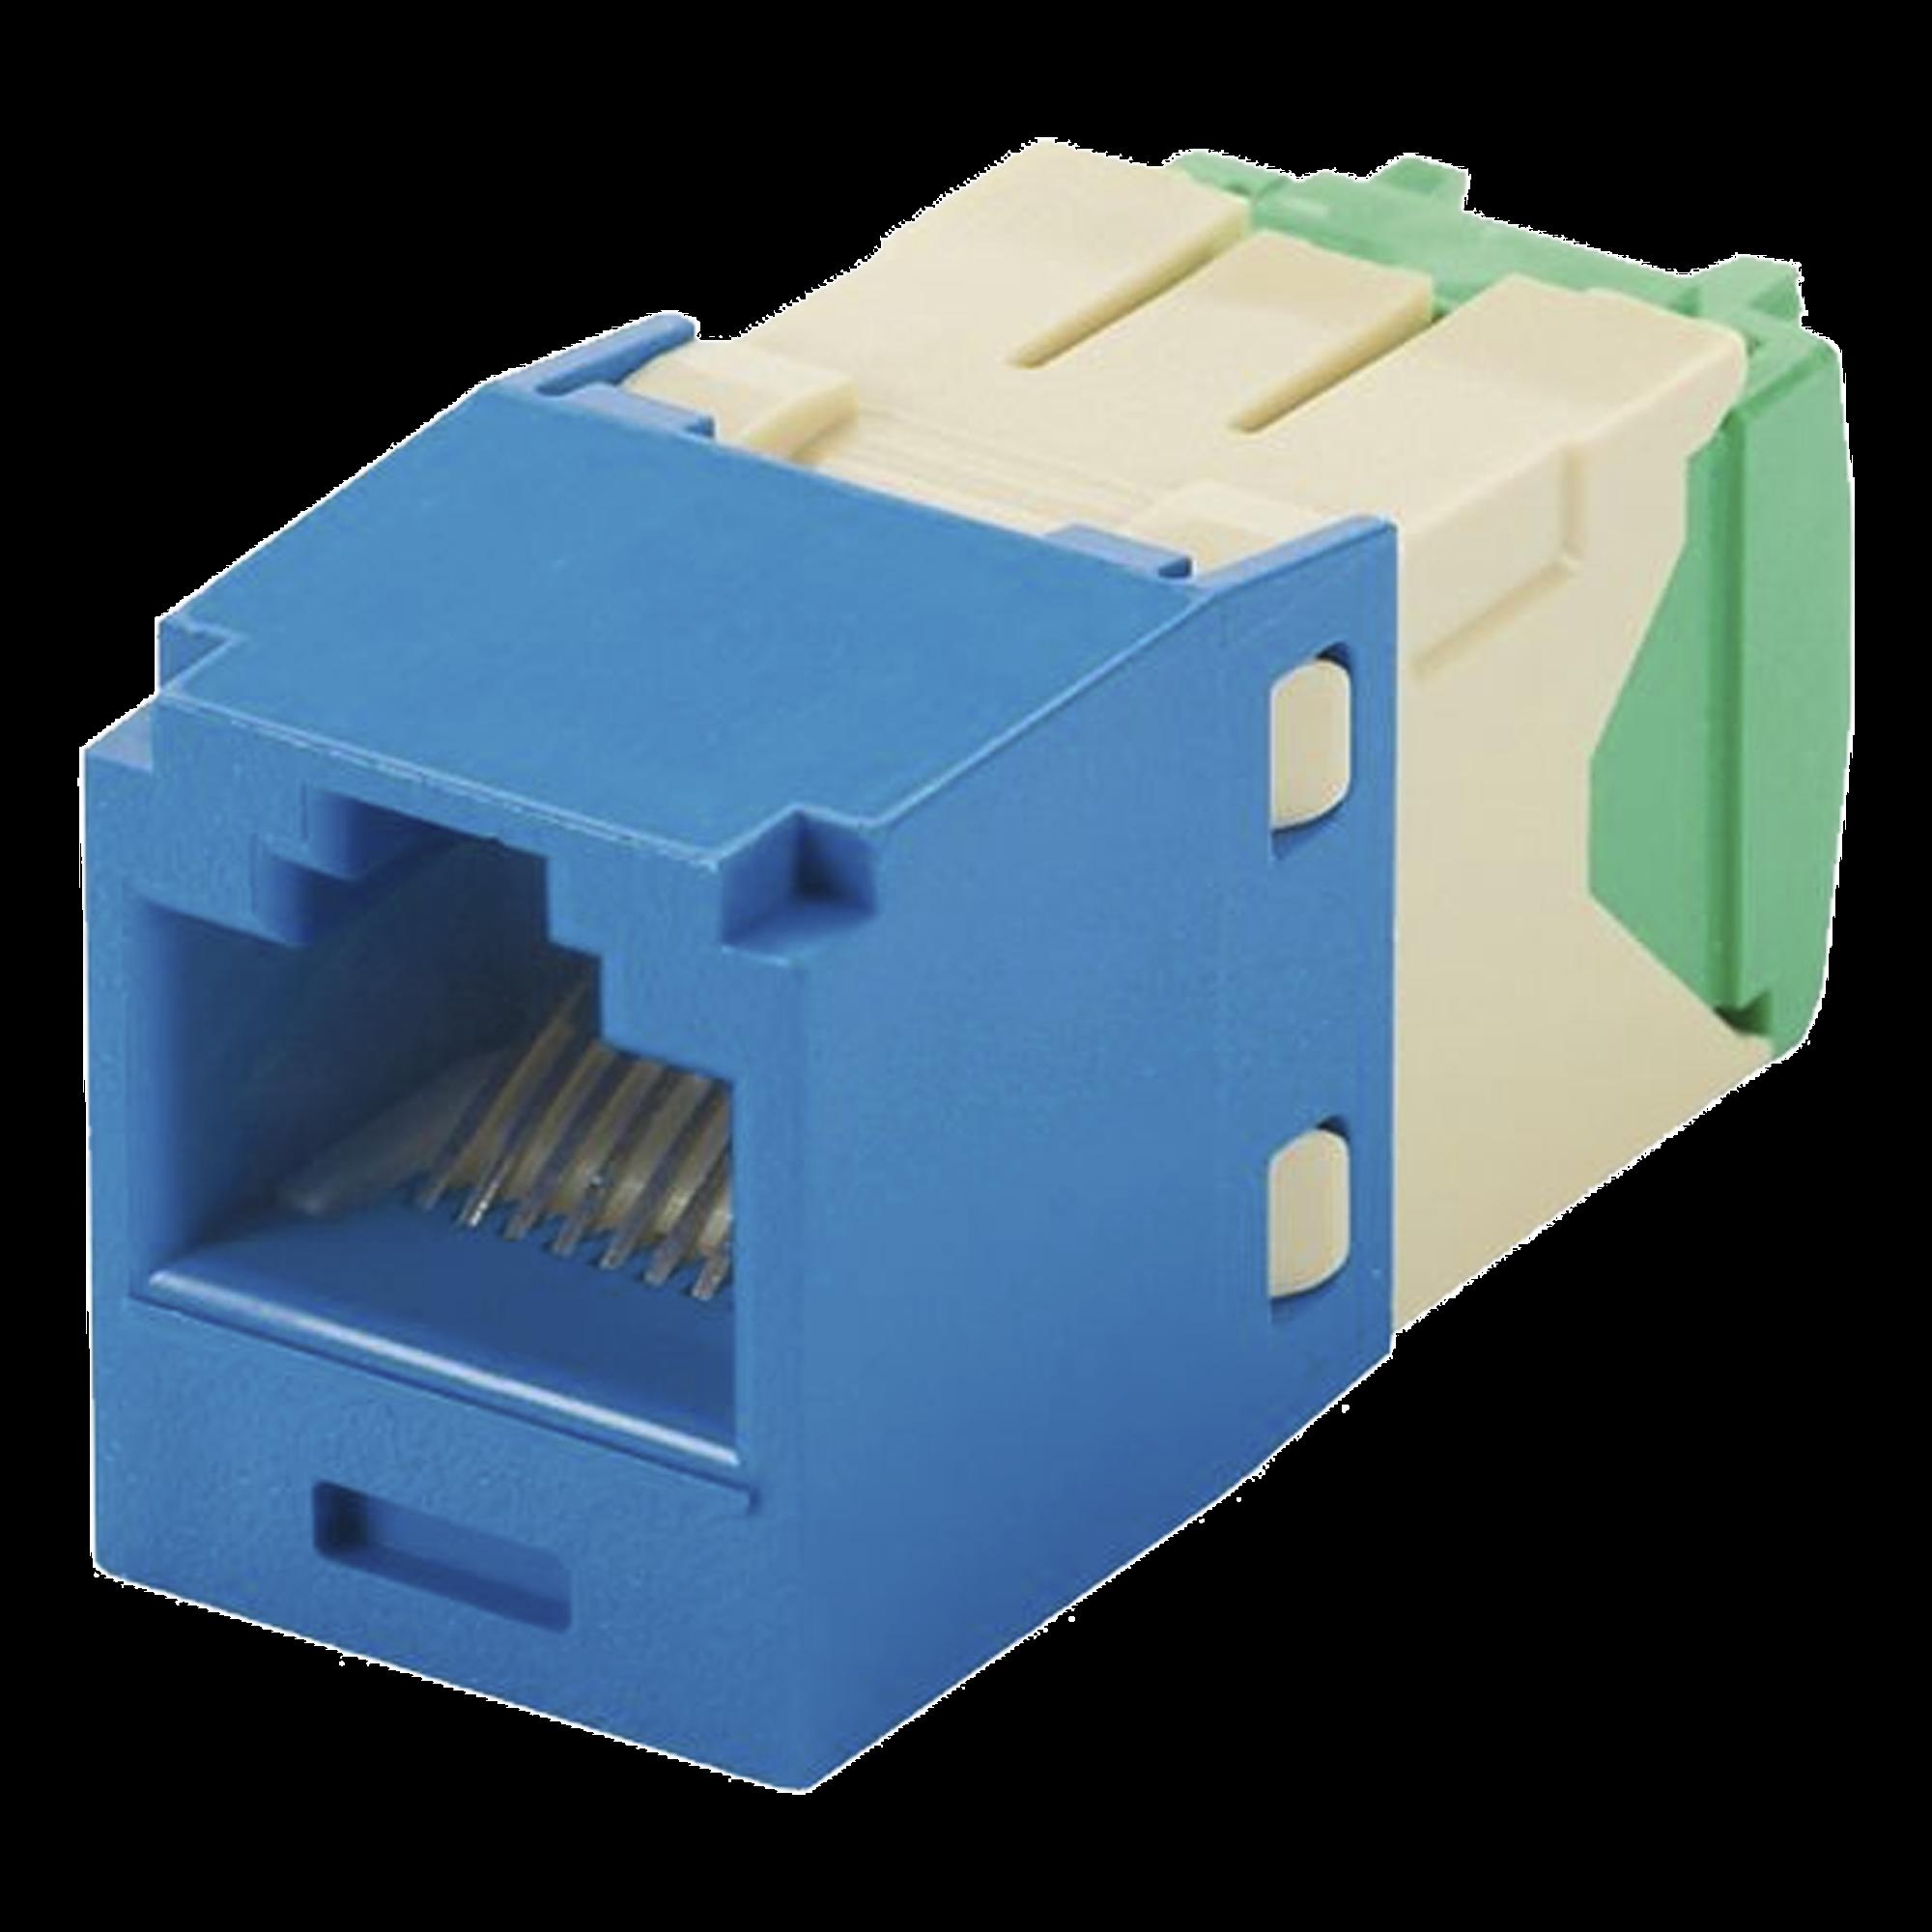 Conector Jack RJ45 Estilo TG, Mini-Com, Categoría 6, de 8 posiciones y 8 cables de Calibre 28/30 AWG, Color Azul